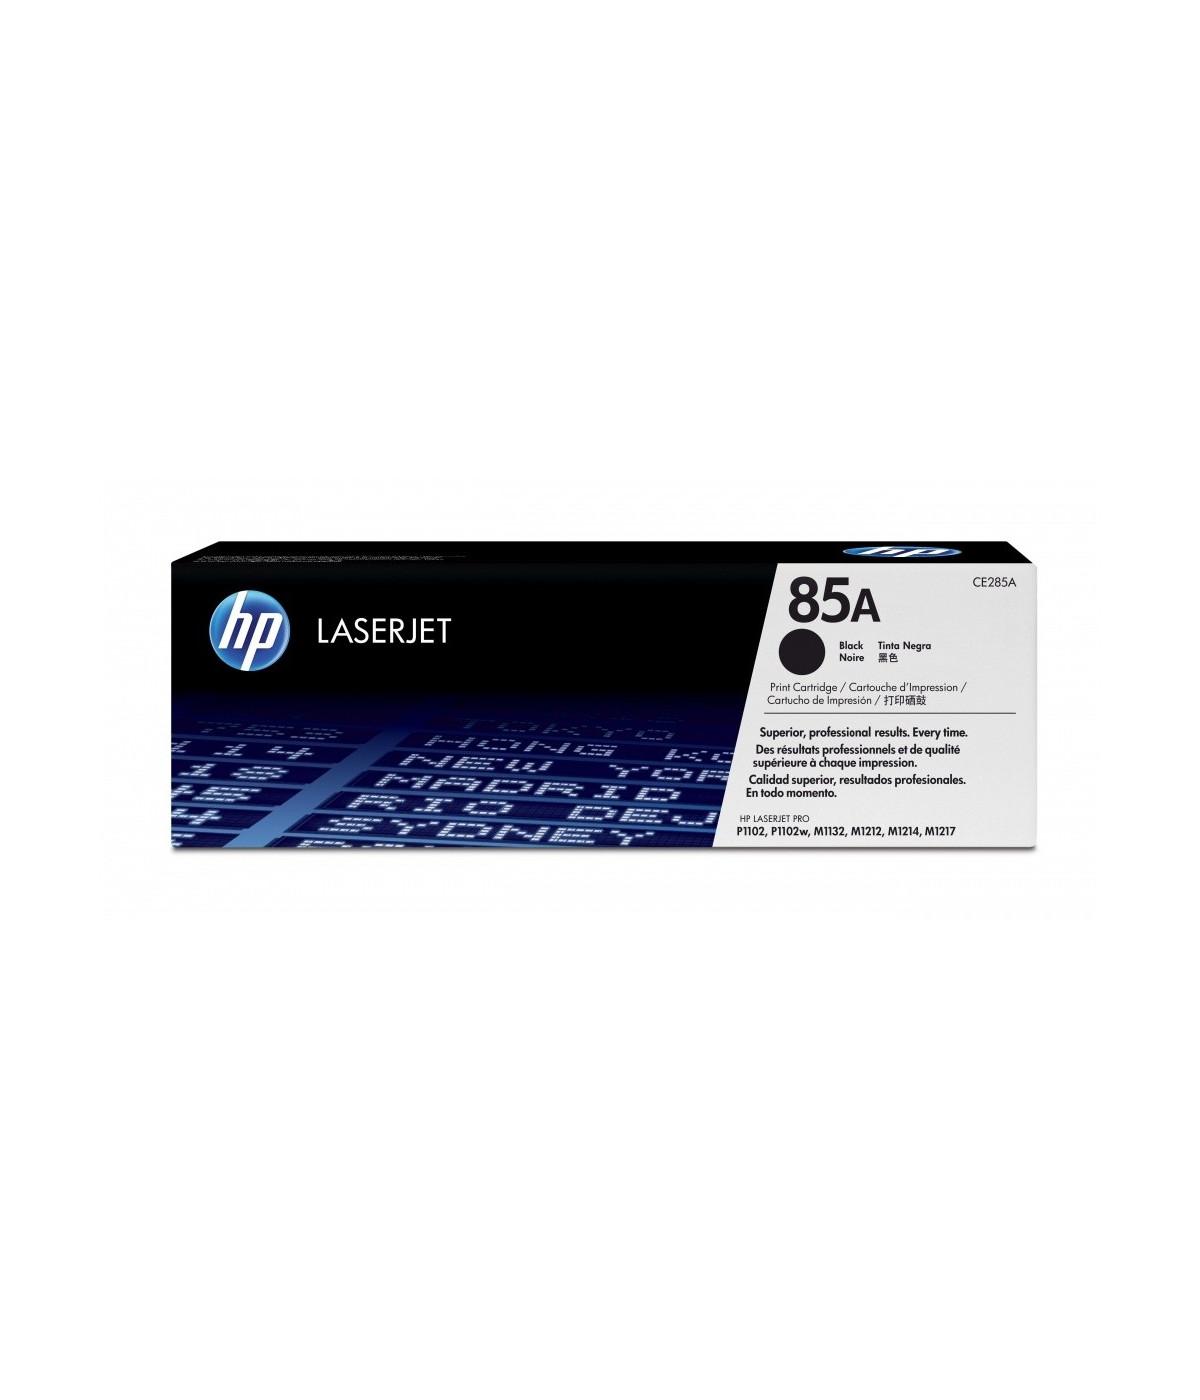 TONER ORIGINAL HP CE285A